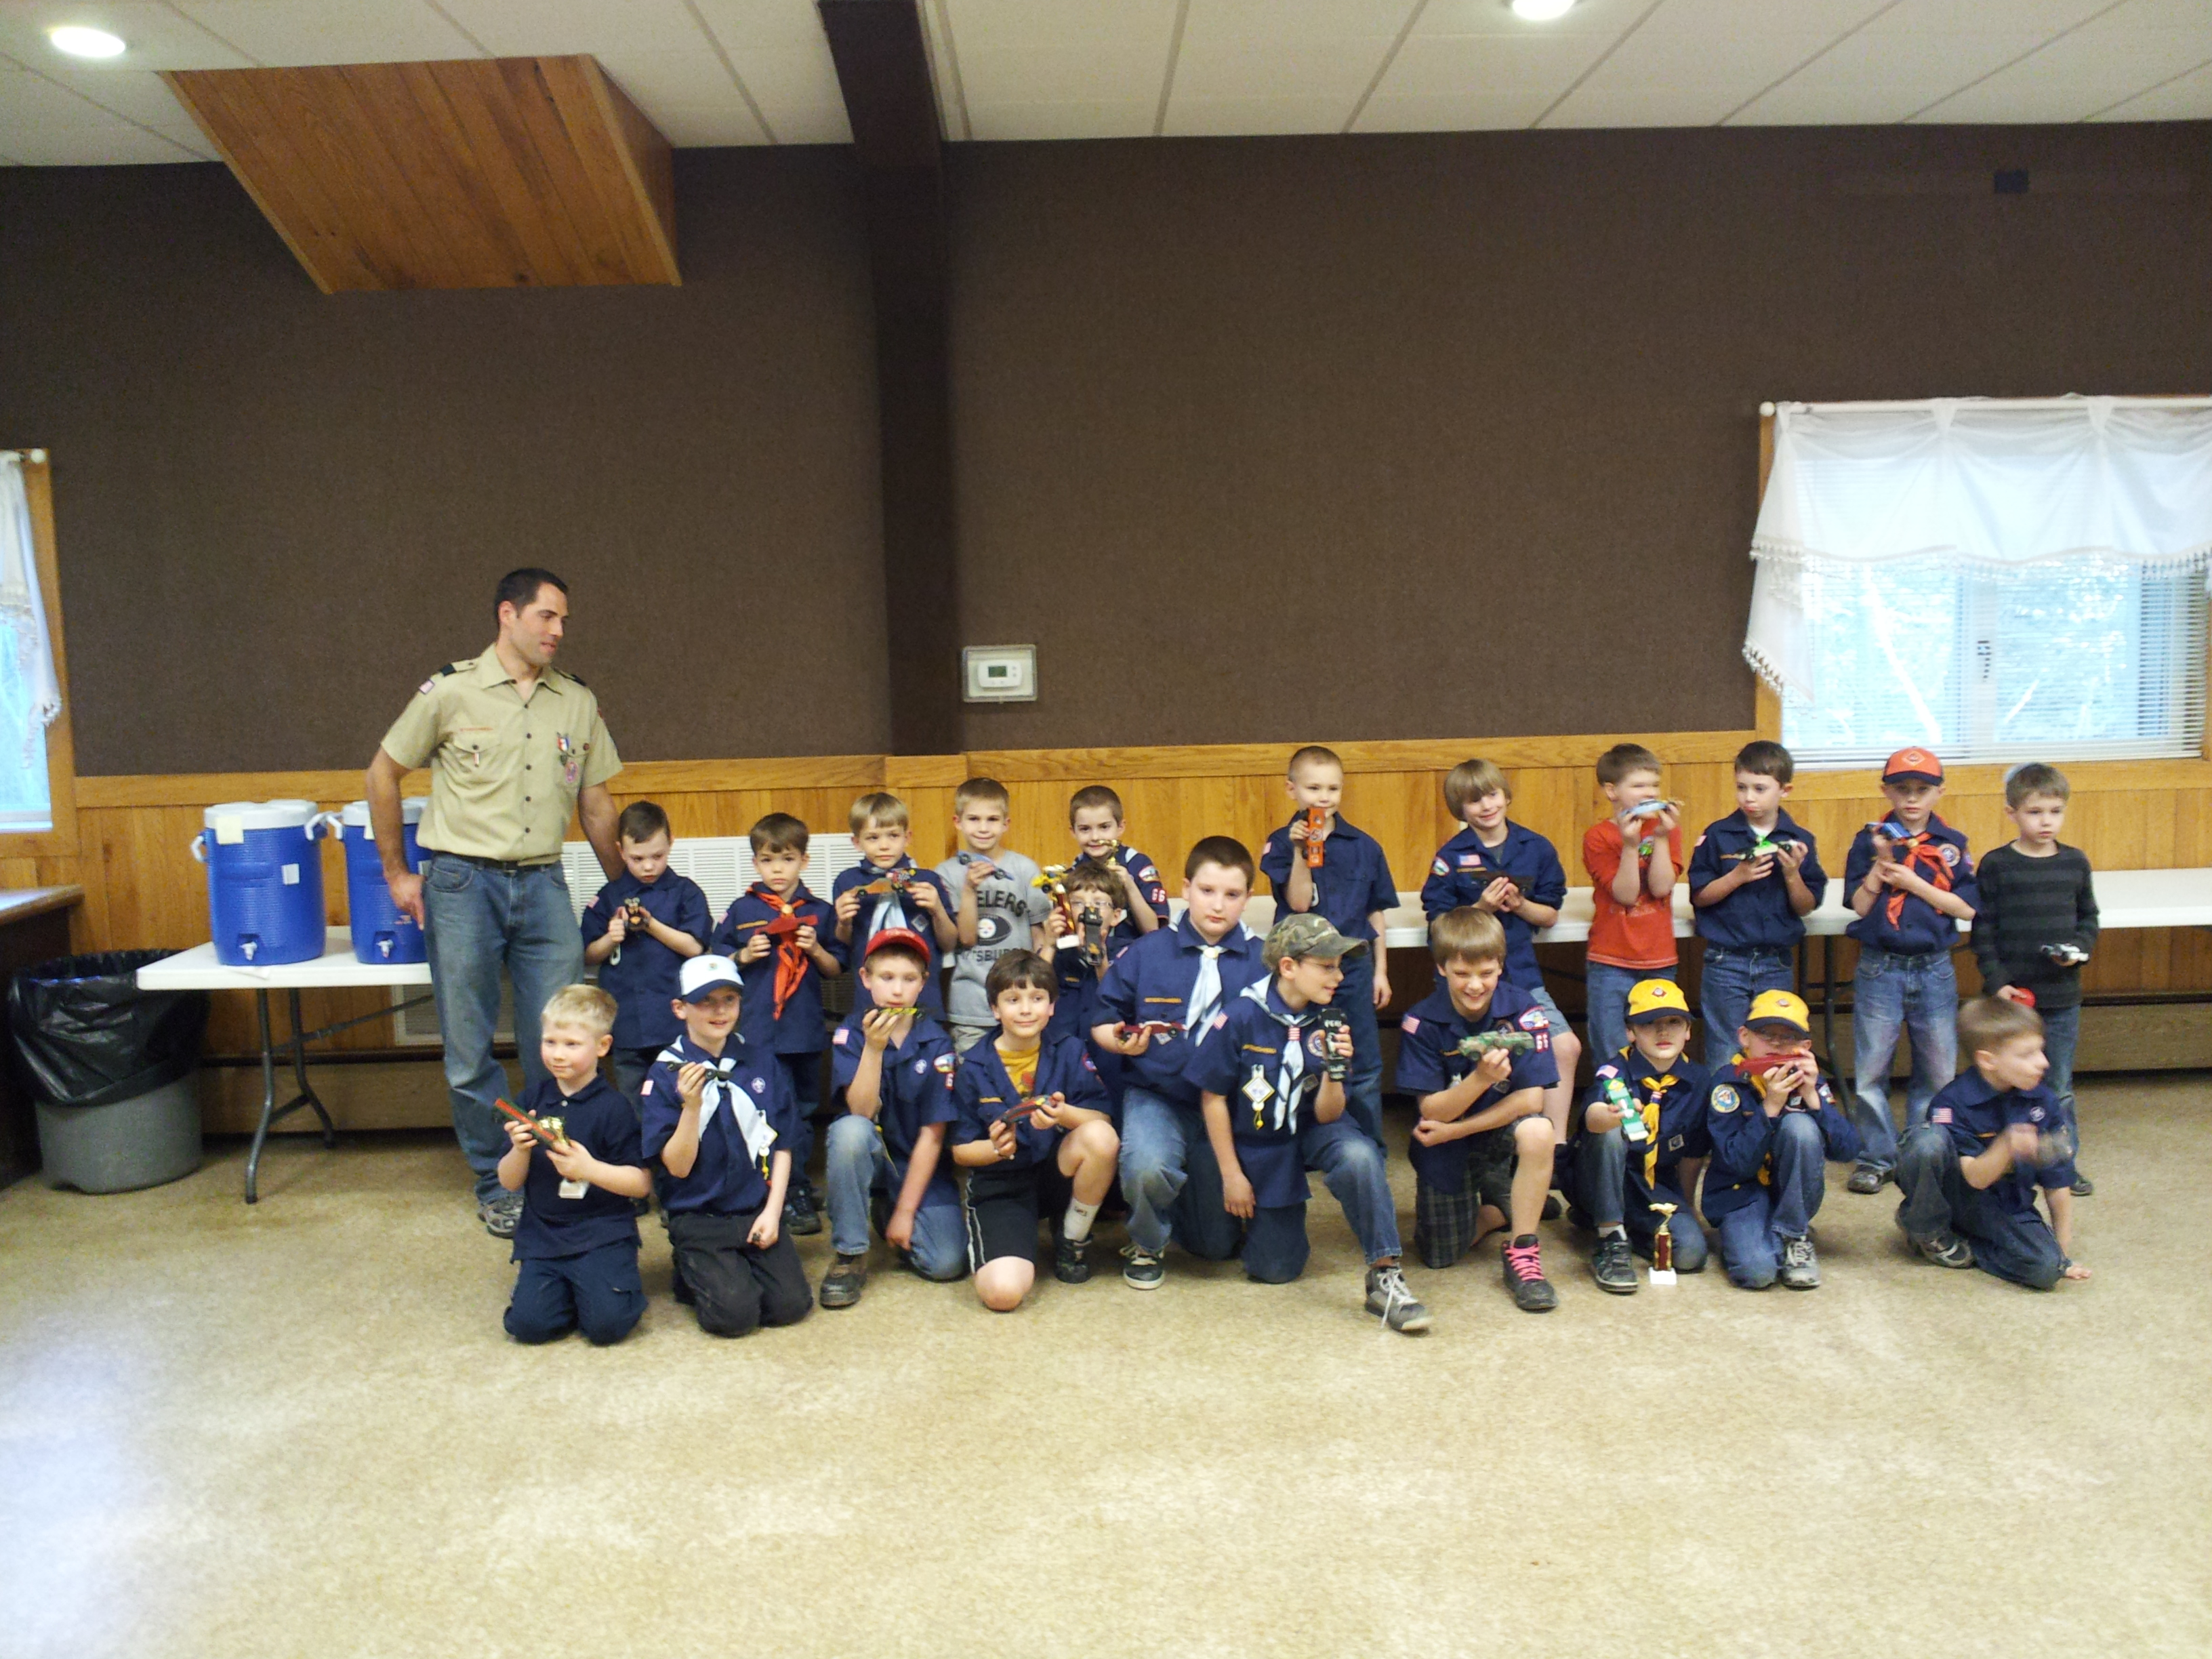 2012 Pine Wood Derby Crew